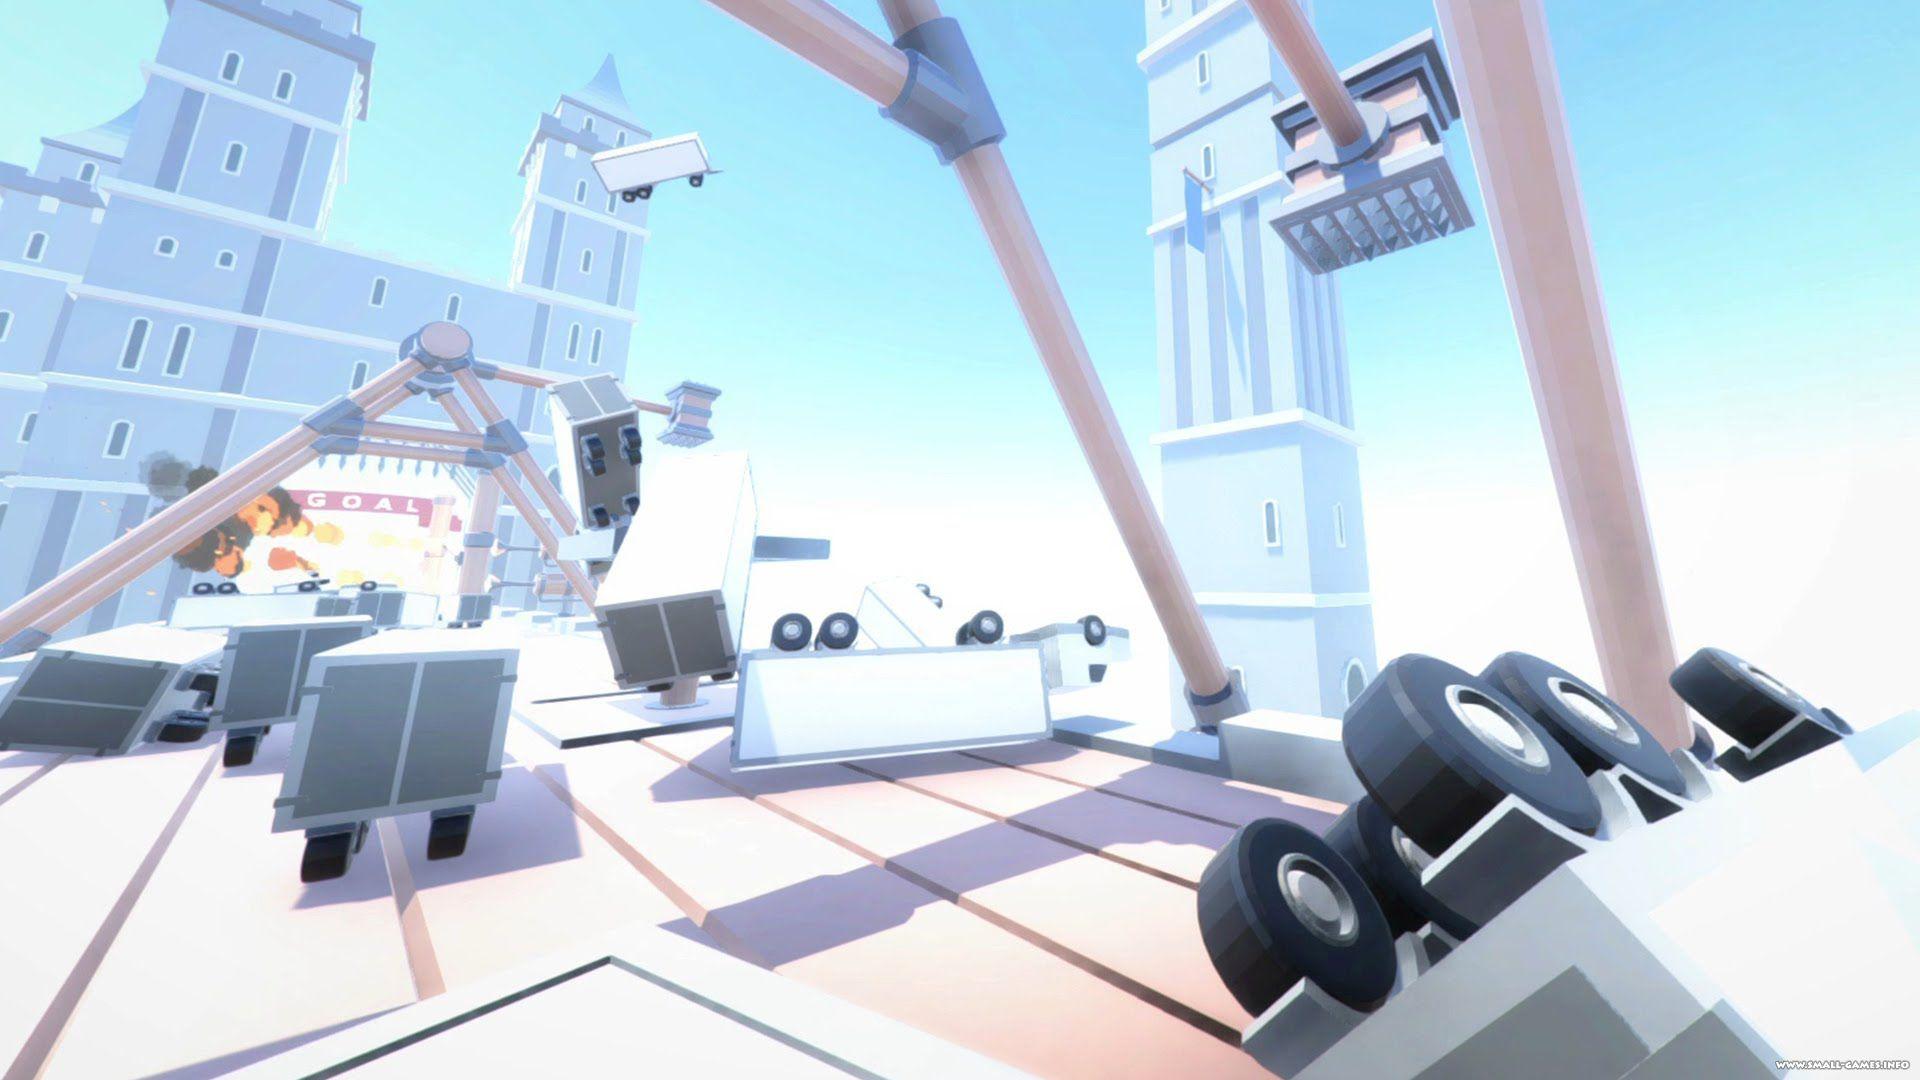 Скачать игру clustertruck для pc через торрент gamestracker. Org.